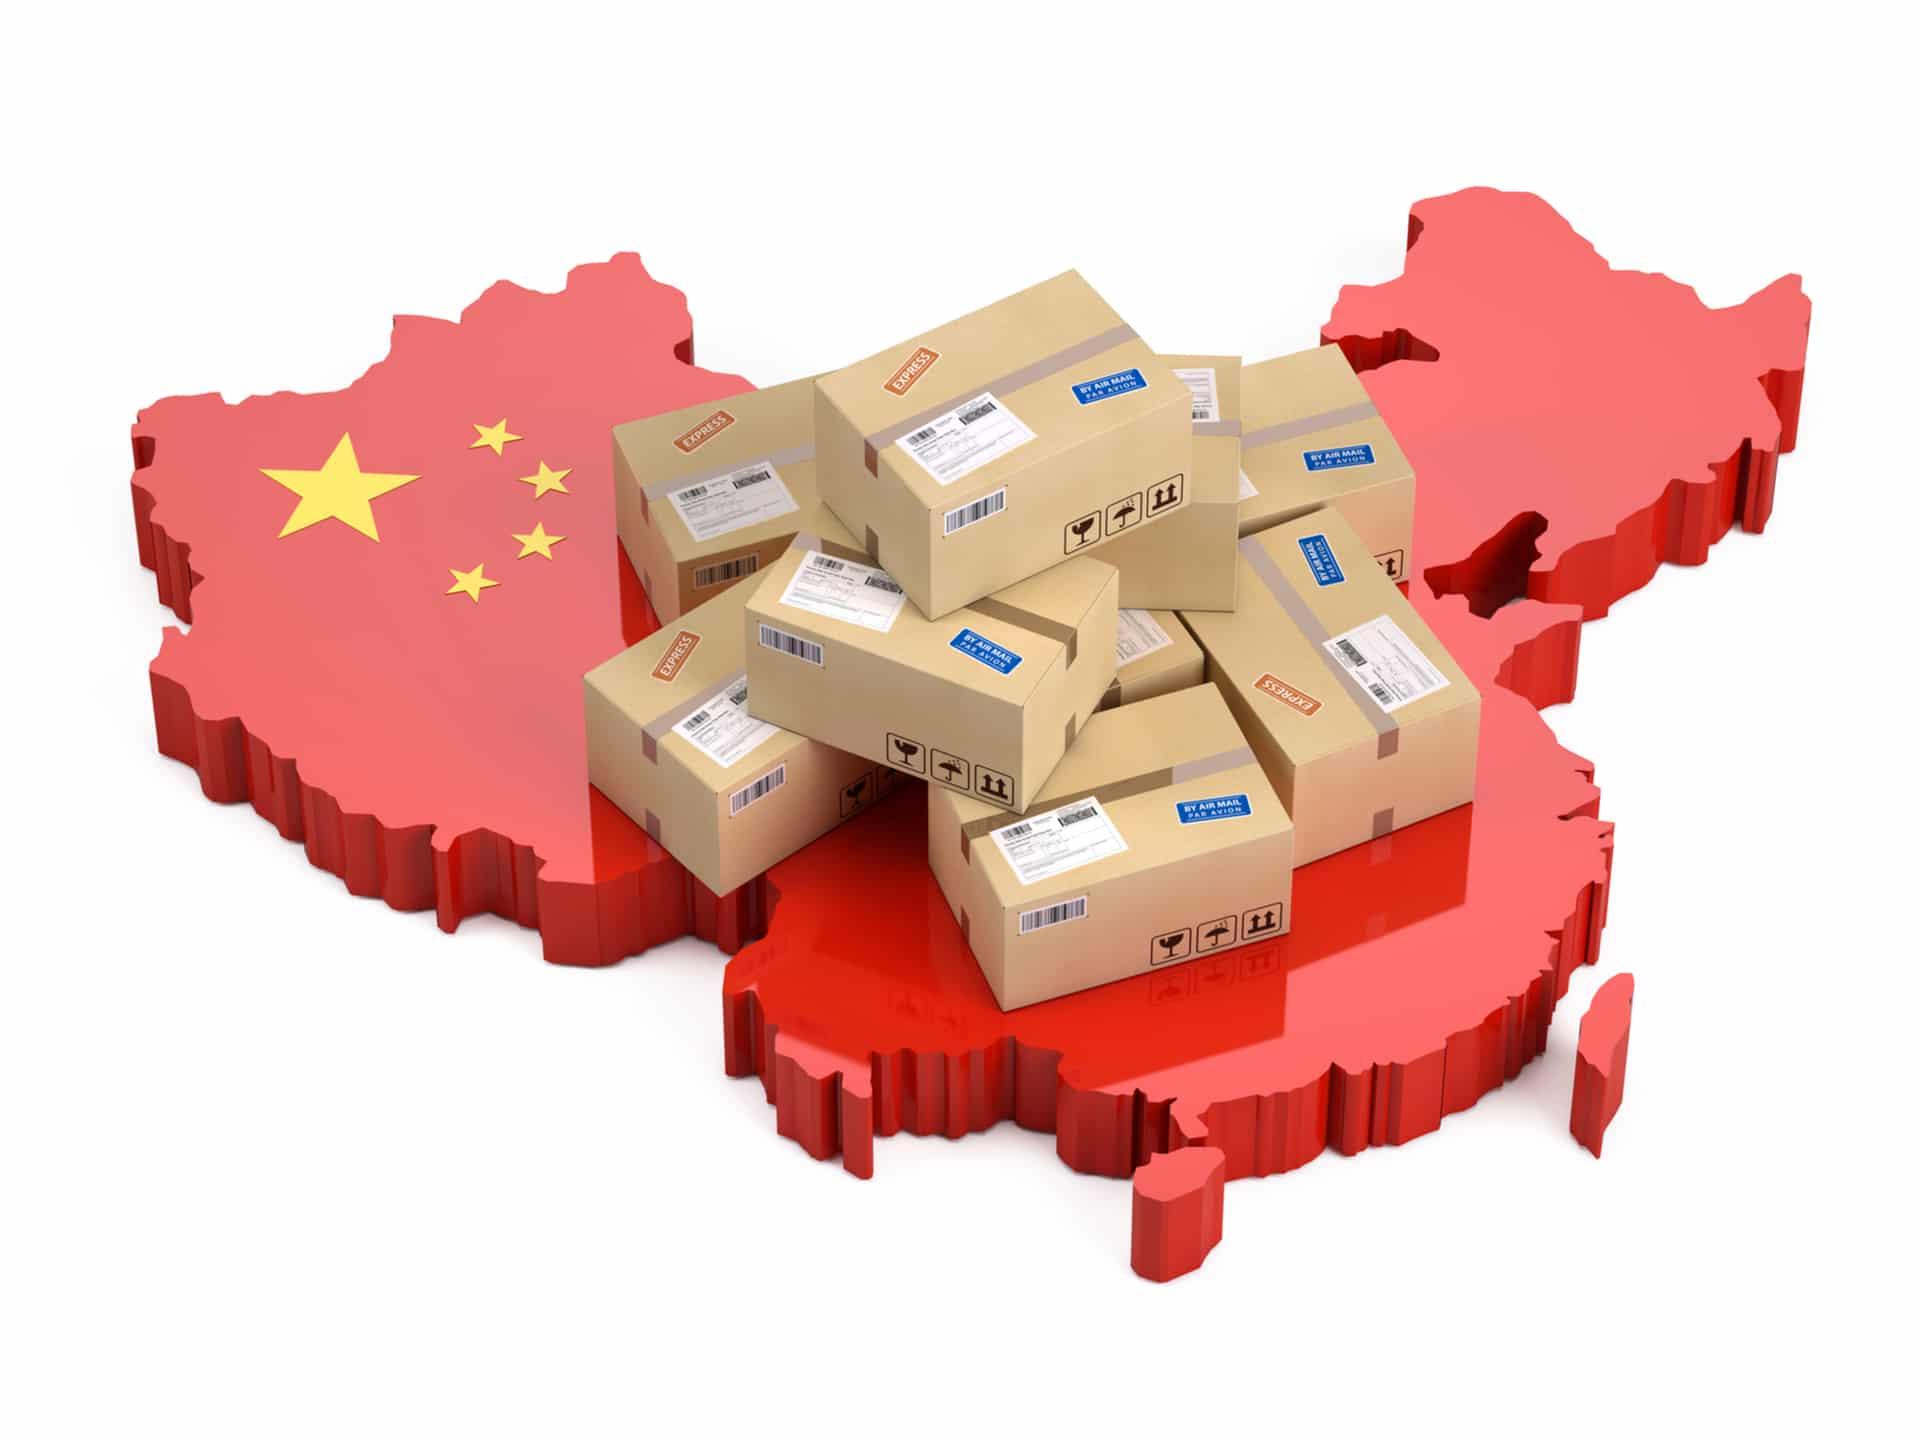 รู้หรือไม่ ทำไมจีนเป็นผู้นำของโลกในด้านโลจิสติกส์และการจัดส่งภายในวัน